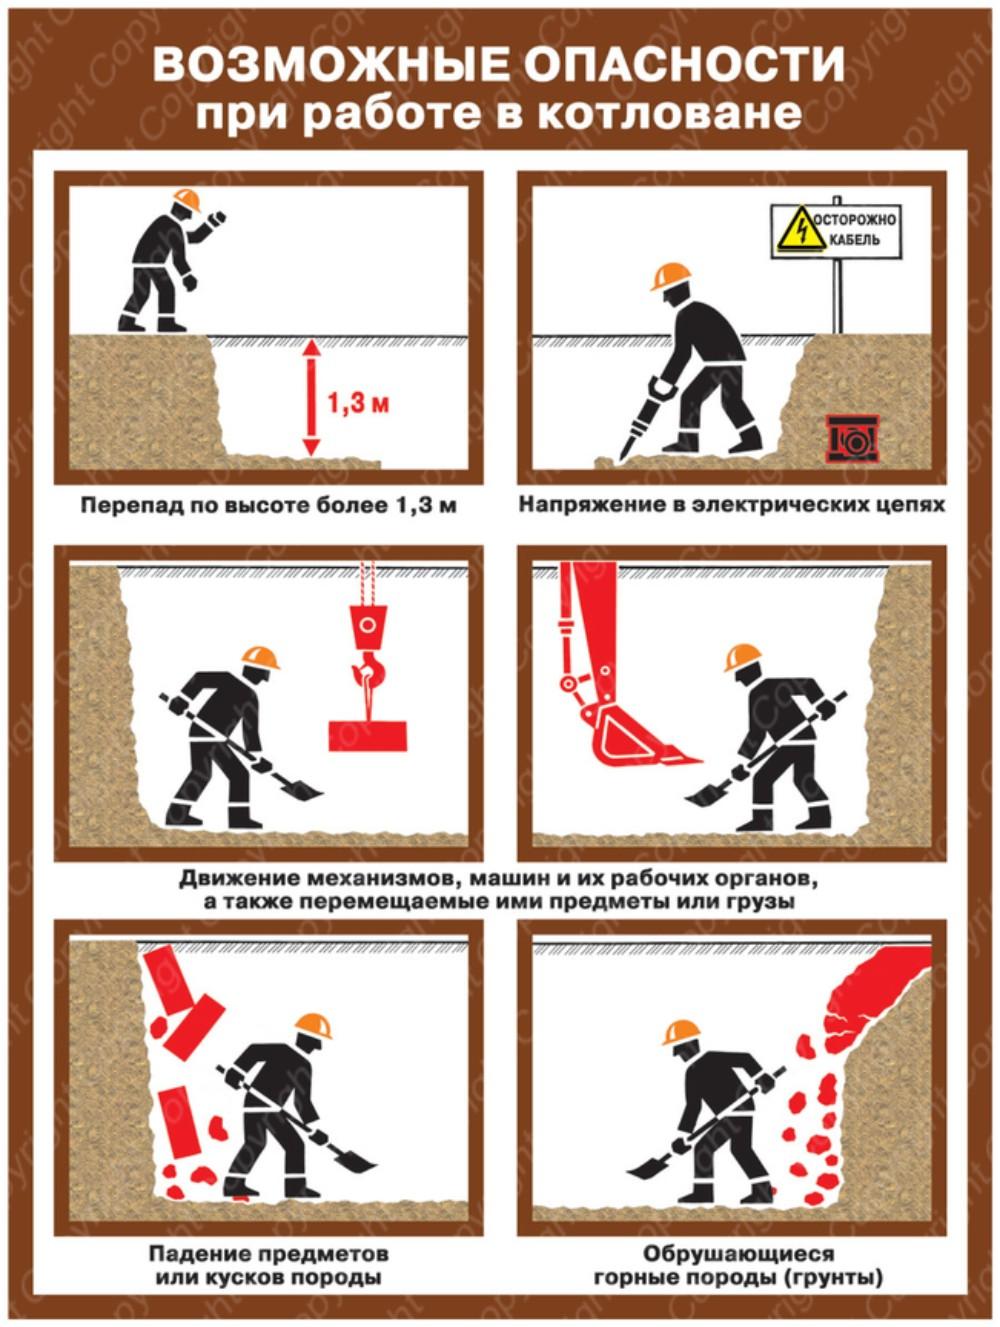 системы при демонтаже котлована охрана труда распорной